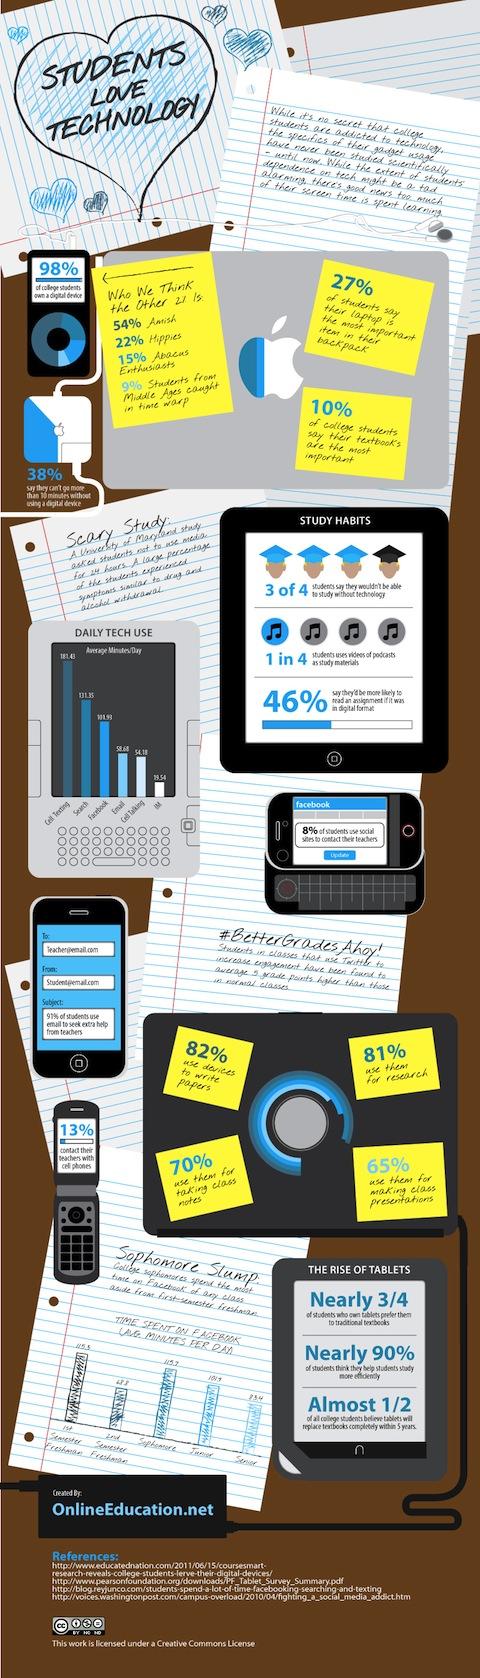 Los estudiantes y la tecnología [Infografía] - students-love-tech1